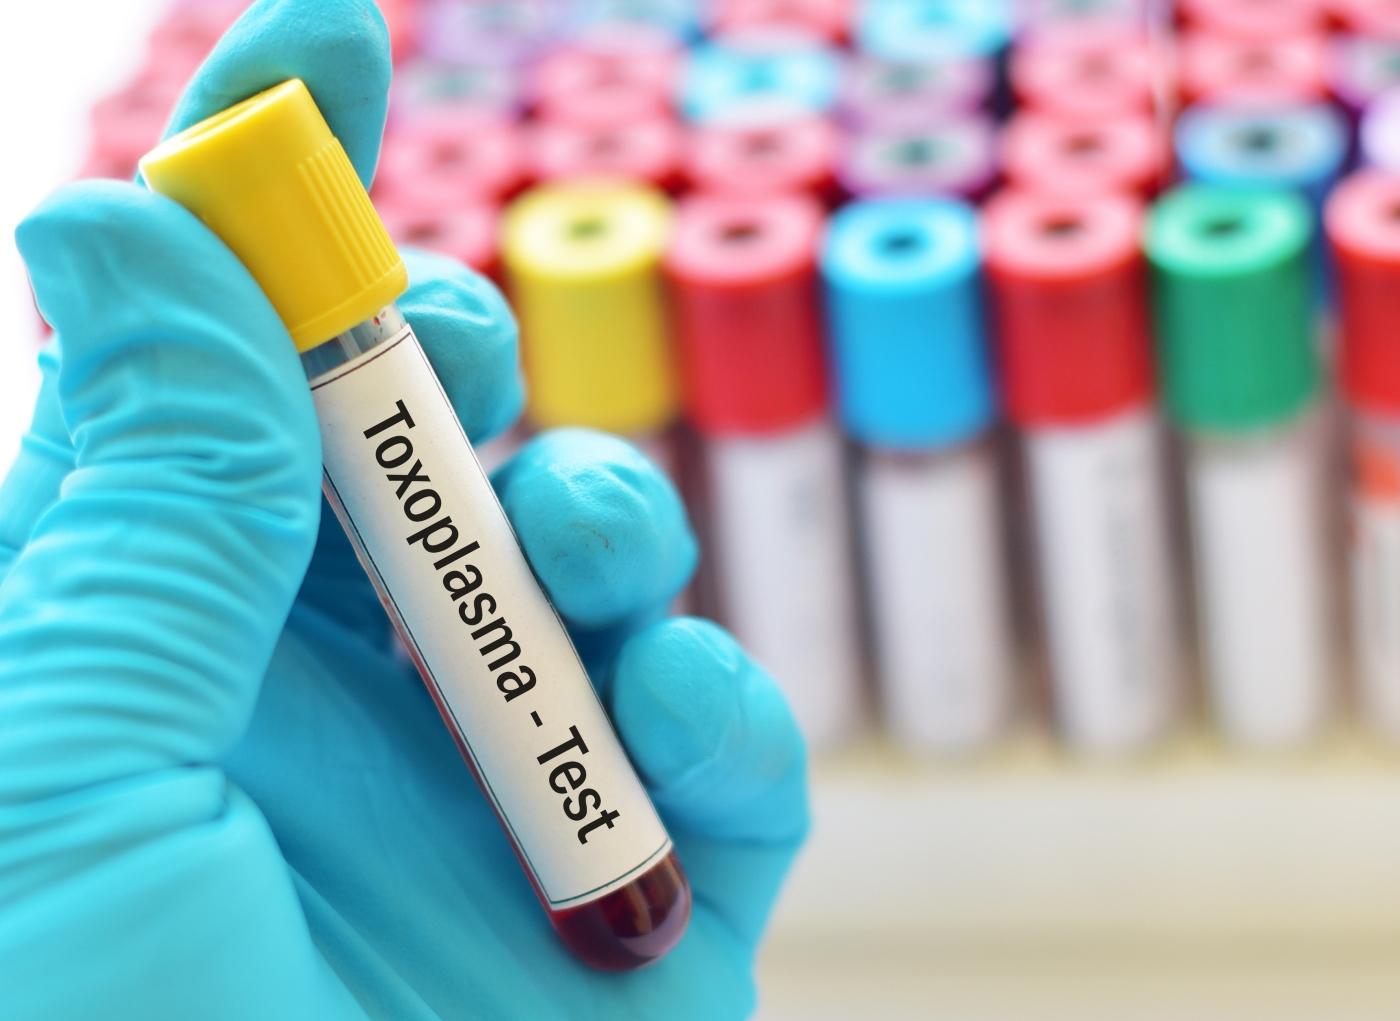 Imunidade à toxoplasmose: análises ao sangue